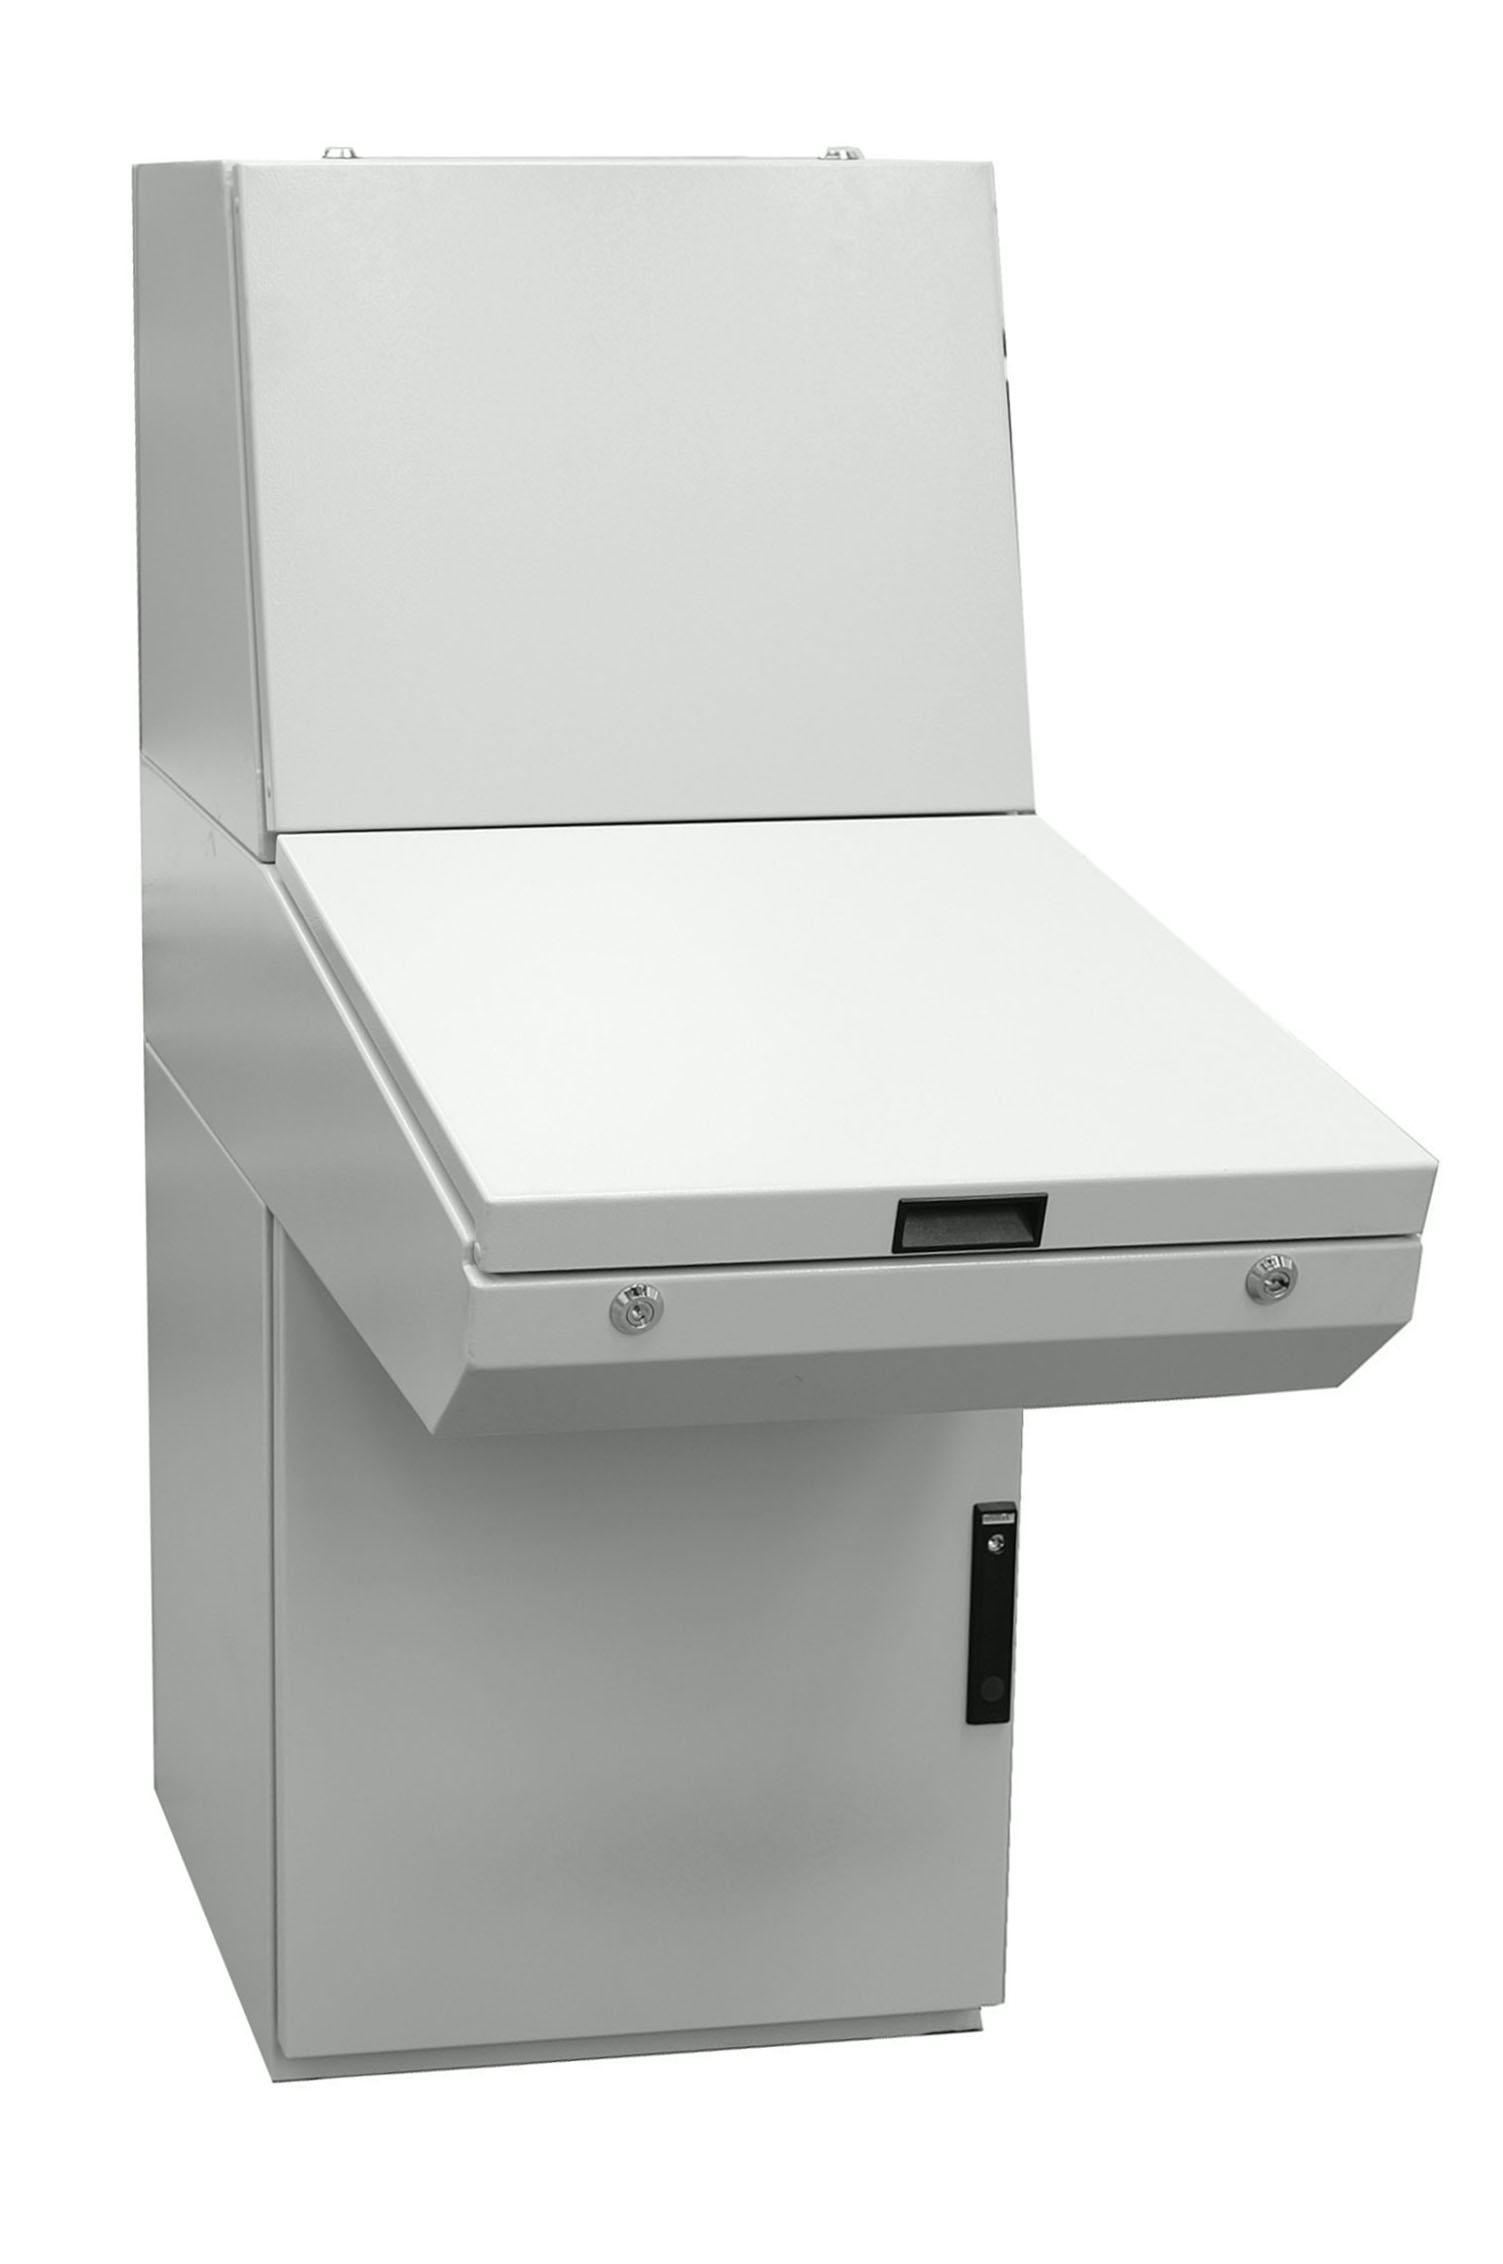 1 Stk Pult Modul Mittenteil 800mm breit ASPC0820--